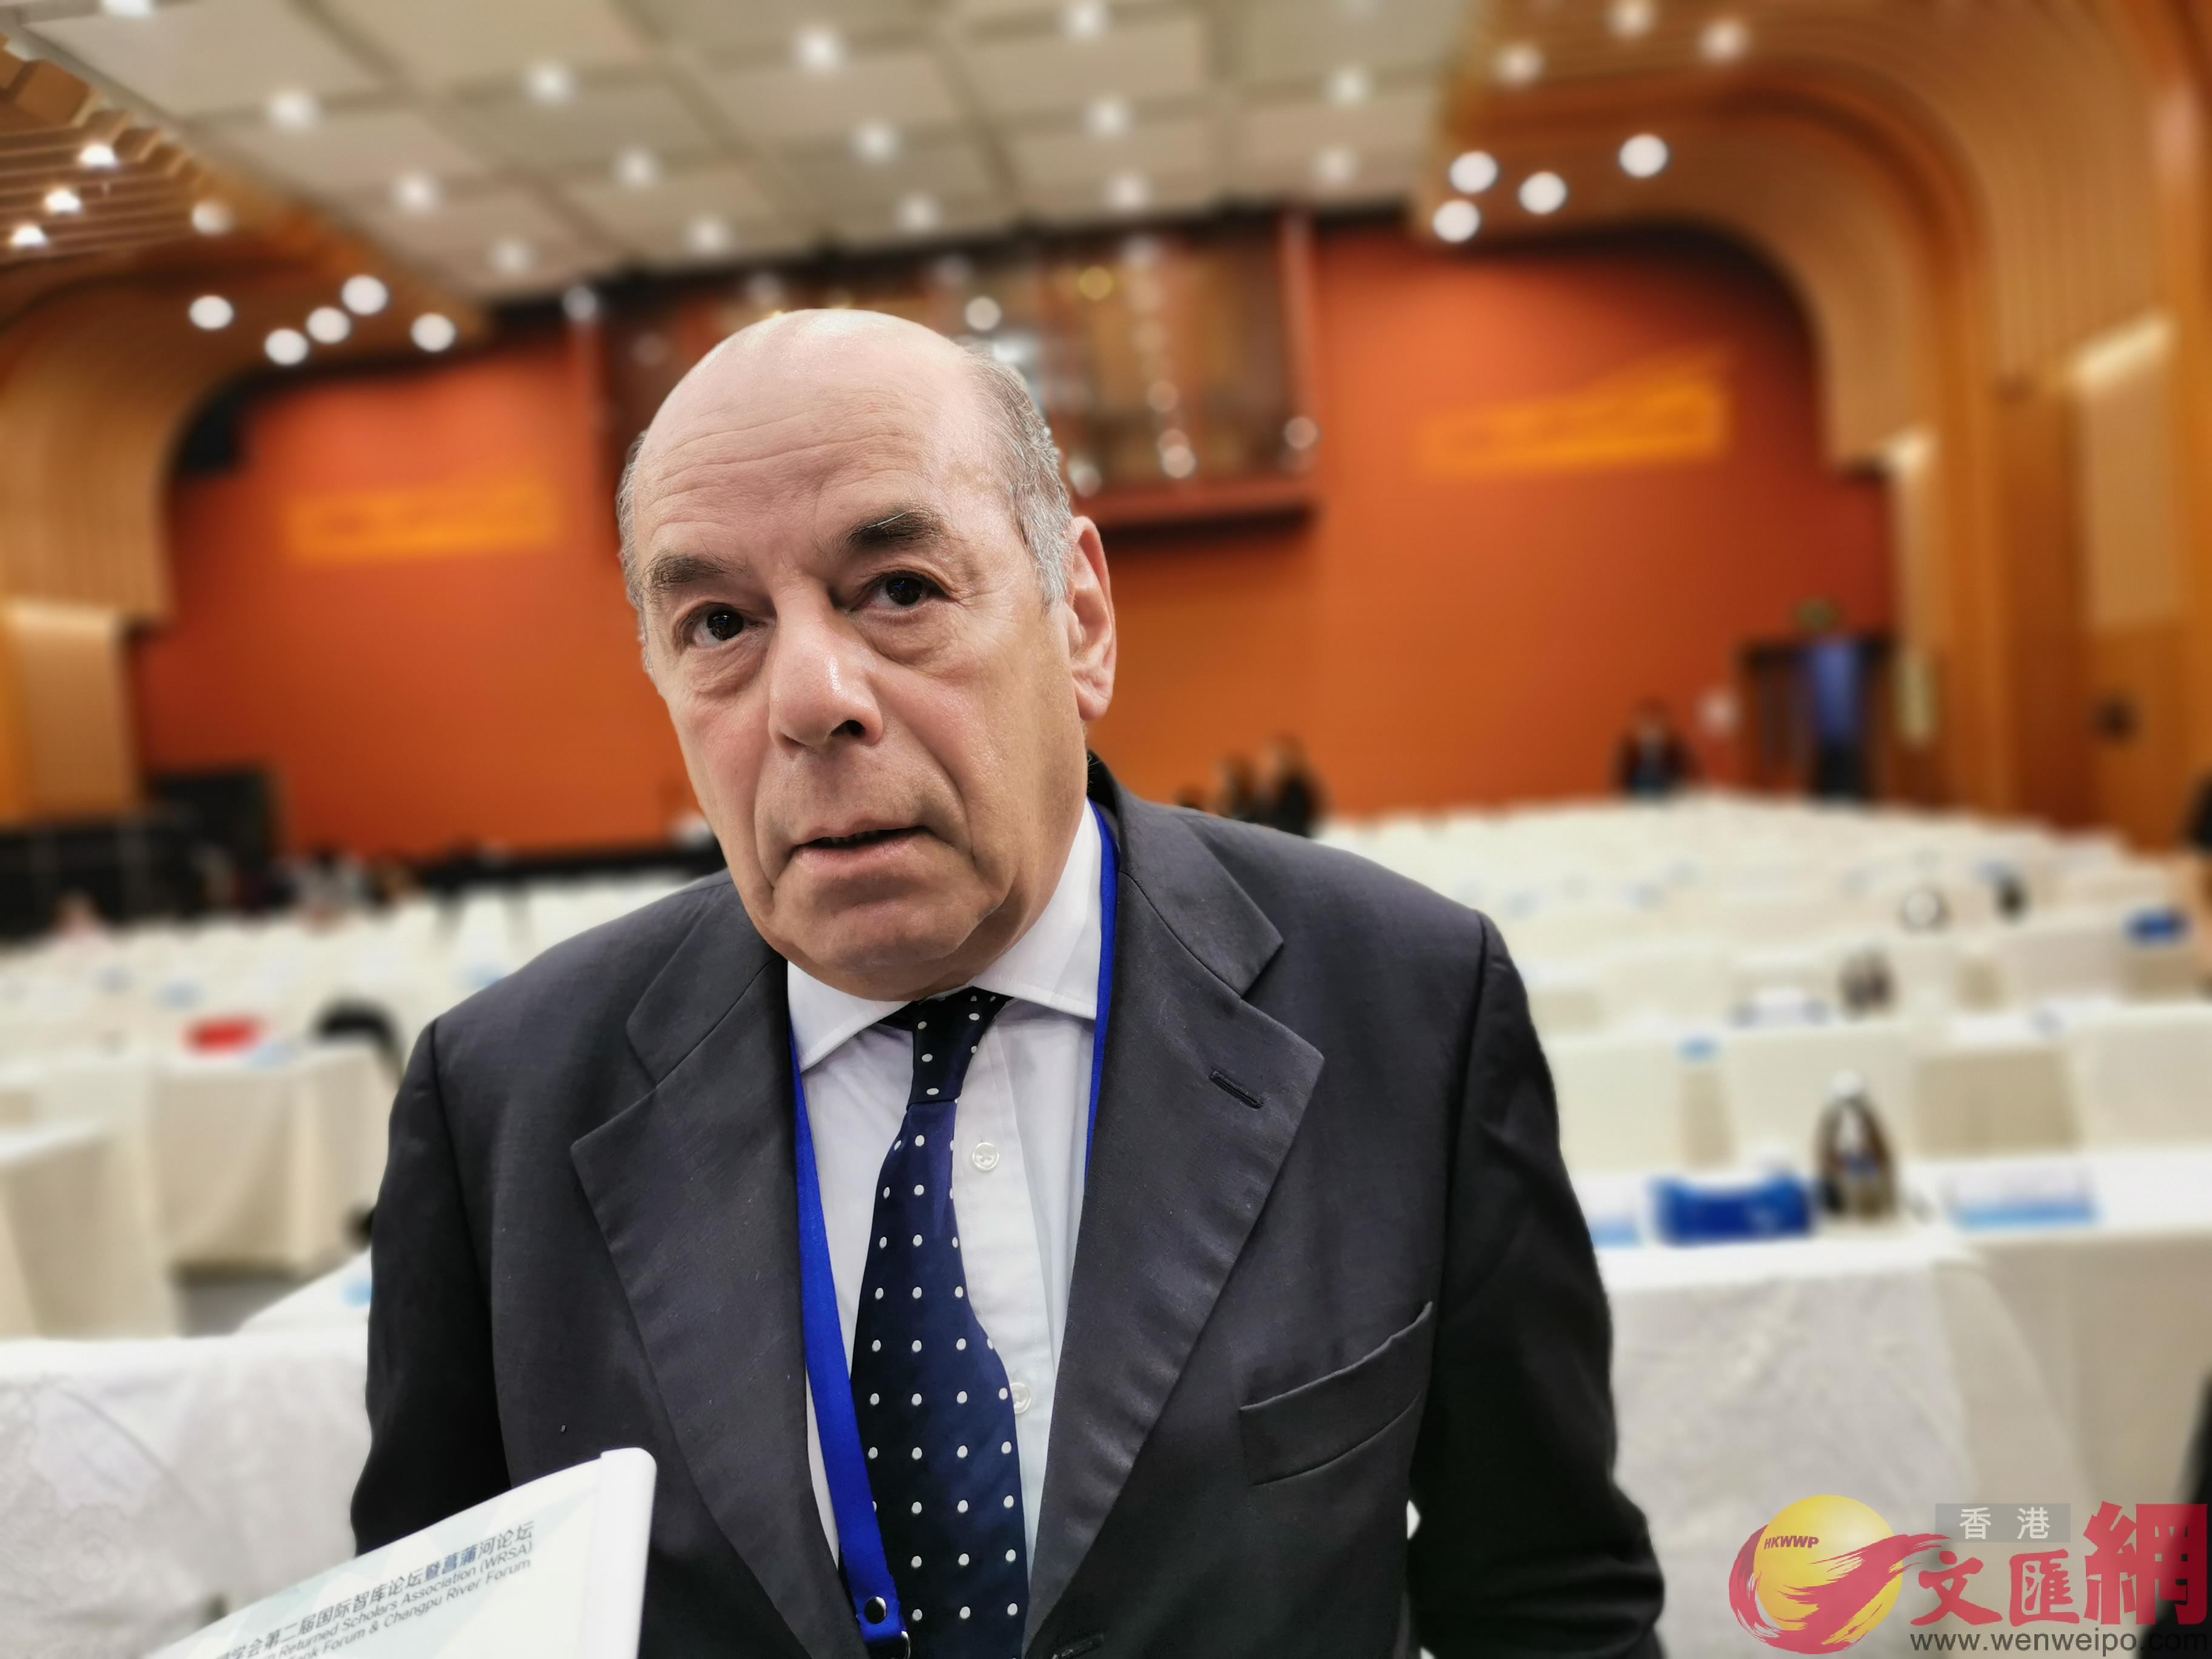 「歐洲之友」董事會理事保羅·瑞維爾15日在歐美同學會第二屆國際智庫論壇間歇接受大公文匯全媒體采訪(記者張帥攝)